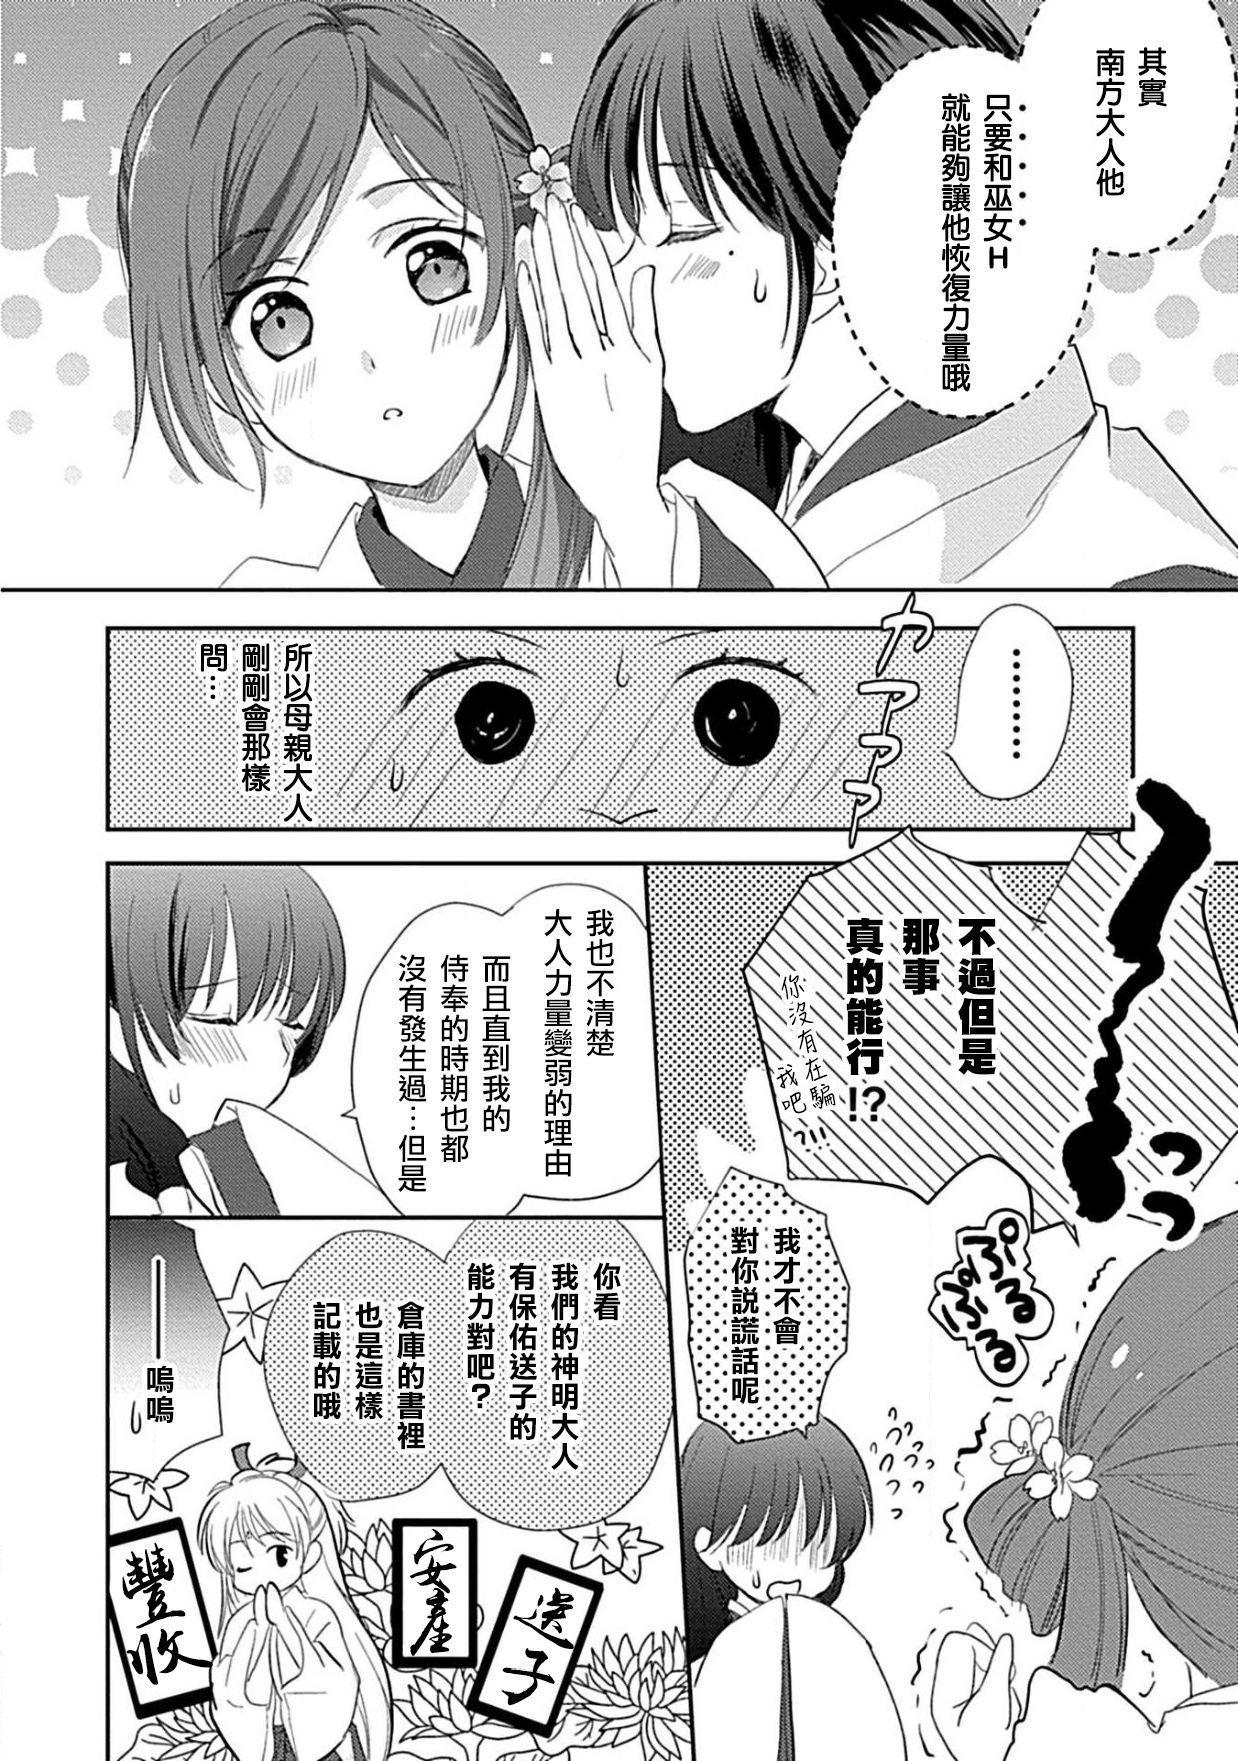 kyosei ranbu itoshi no kamisama ha amayaka ni osu deshita | 嬌聲亂舞 深愛的神明大人甜寵且英勇 6